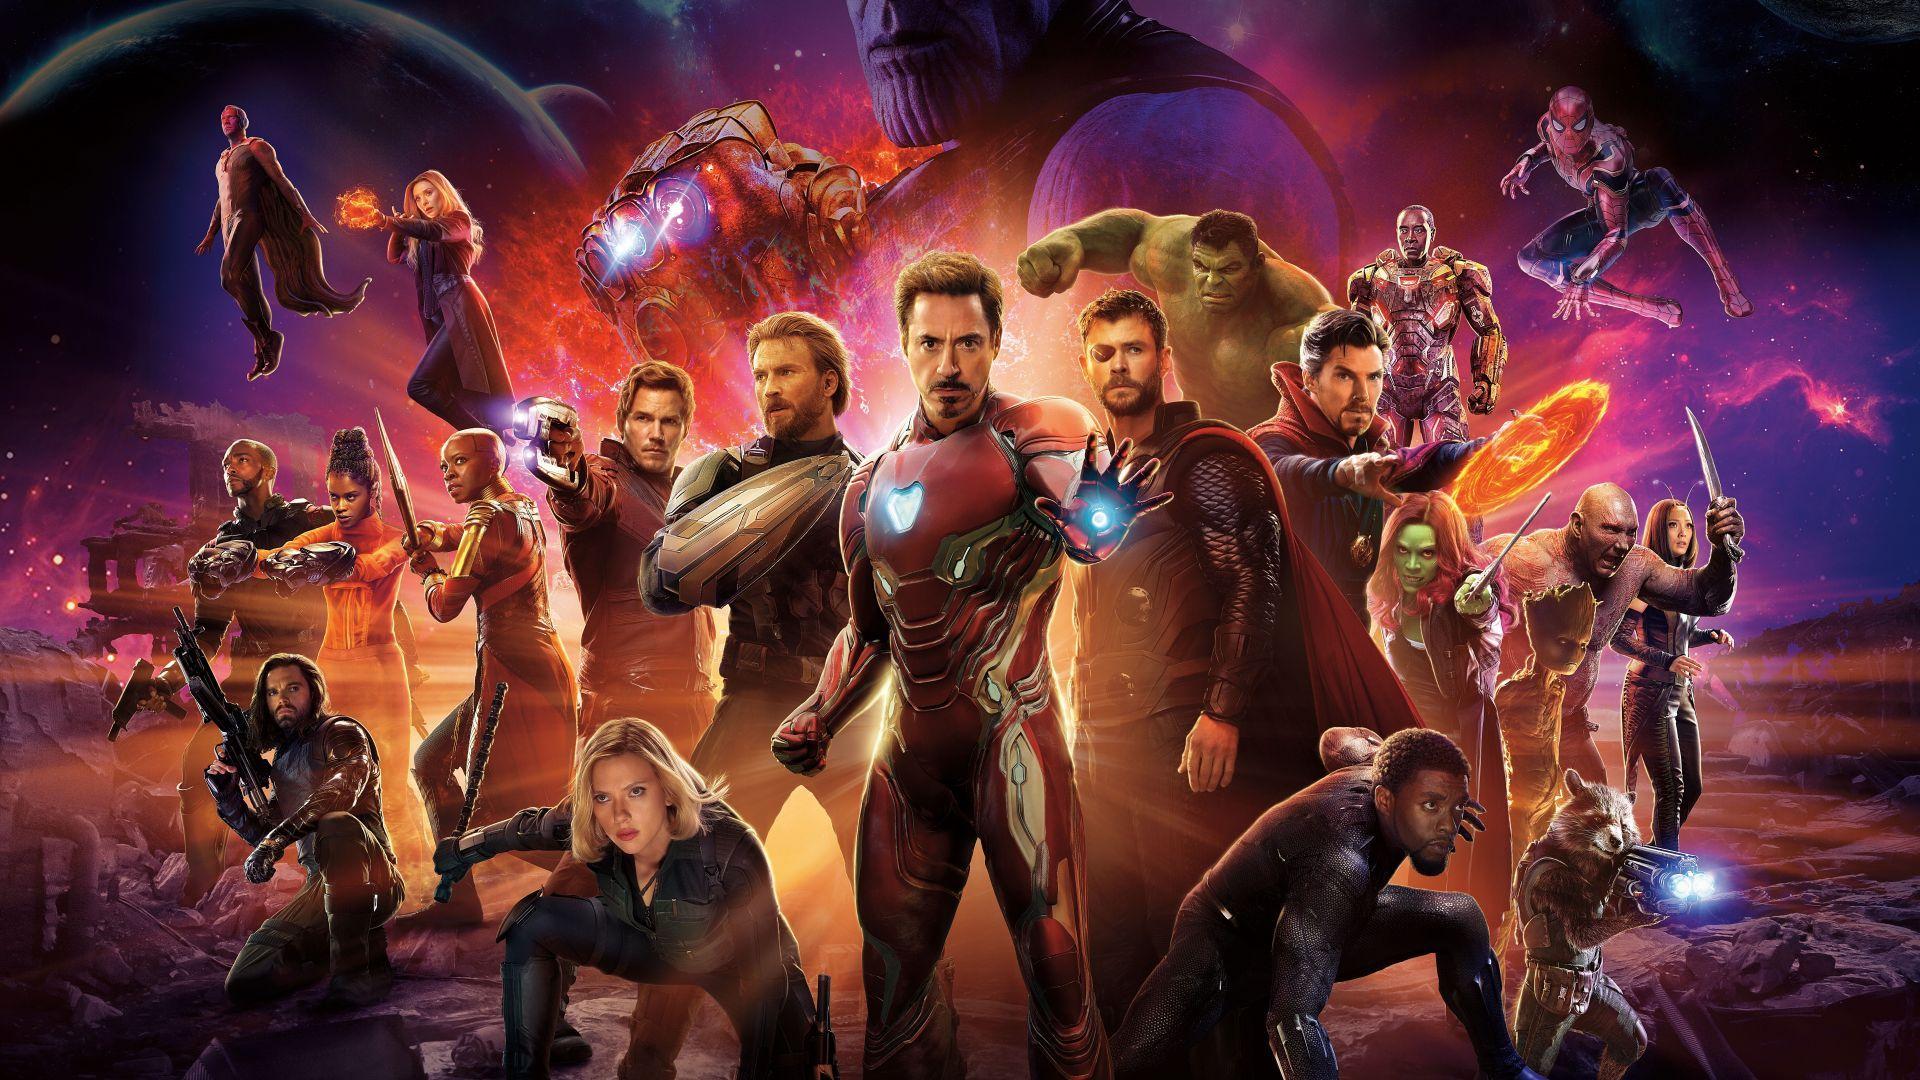 Mstiteli Vojna Beskonechnosti Avengers Infinity War Poster 8k Horizontal Marvel Cinematic Avengers Avengers Pictures